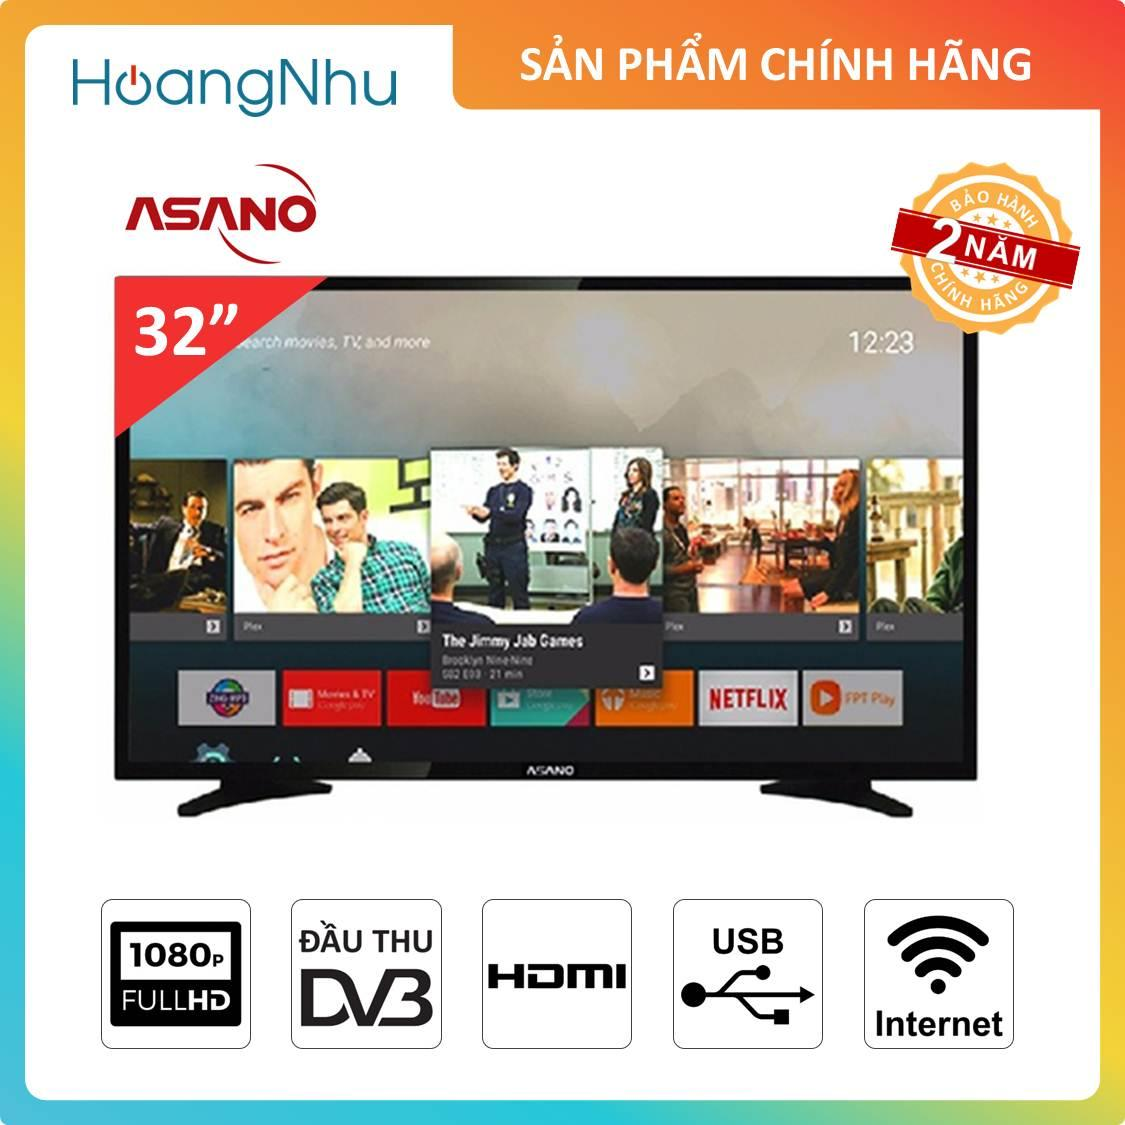 Bảng giá Smart Voice TV Asano 32 inch 32EK3 (Tivi thông minh, Wifi, Full HD, Điều khiển giọng nói, Tích hợp đầu thu KTS) - Bảo hành 2 năm